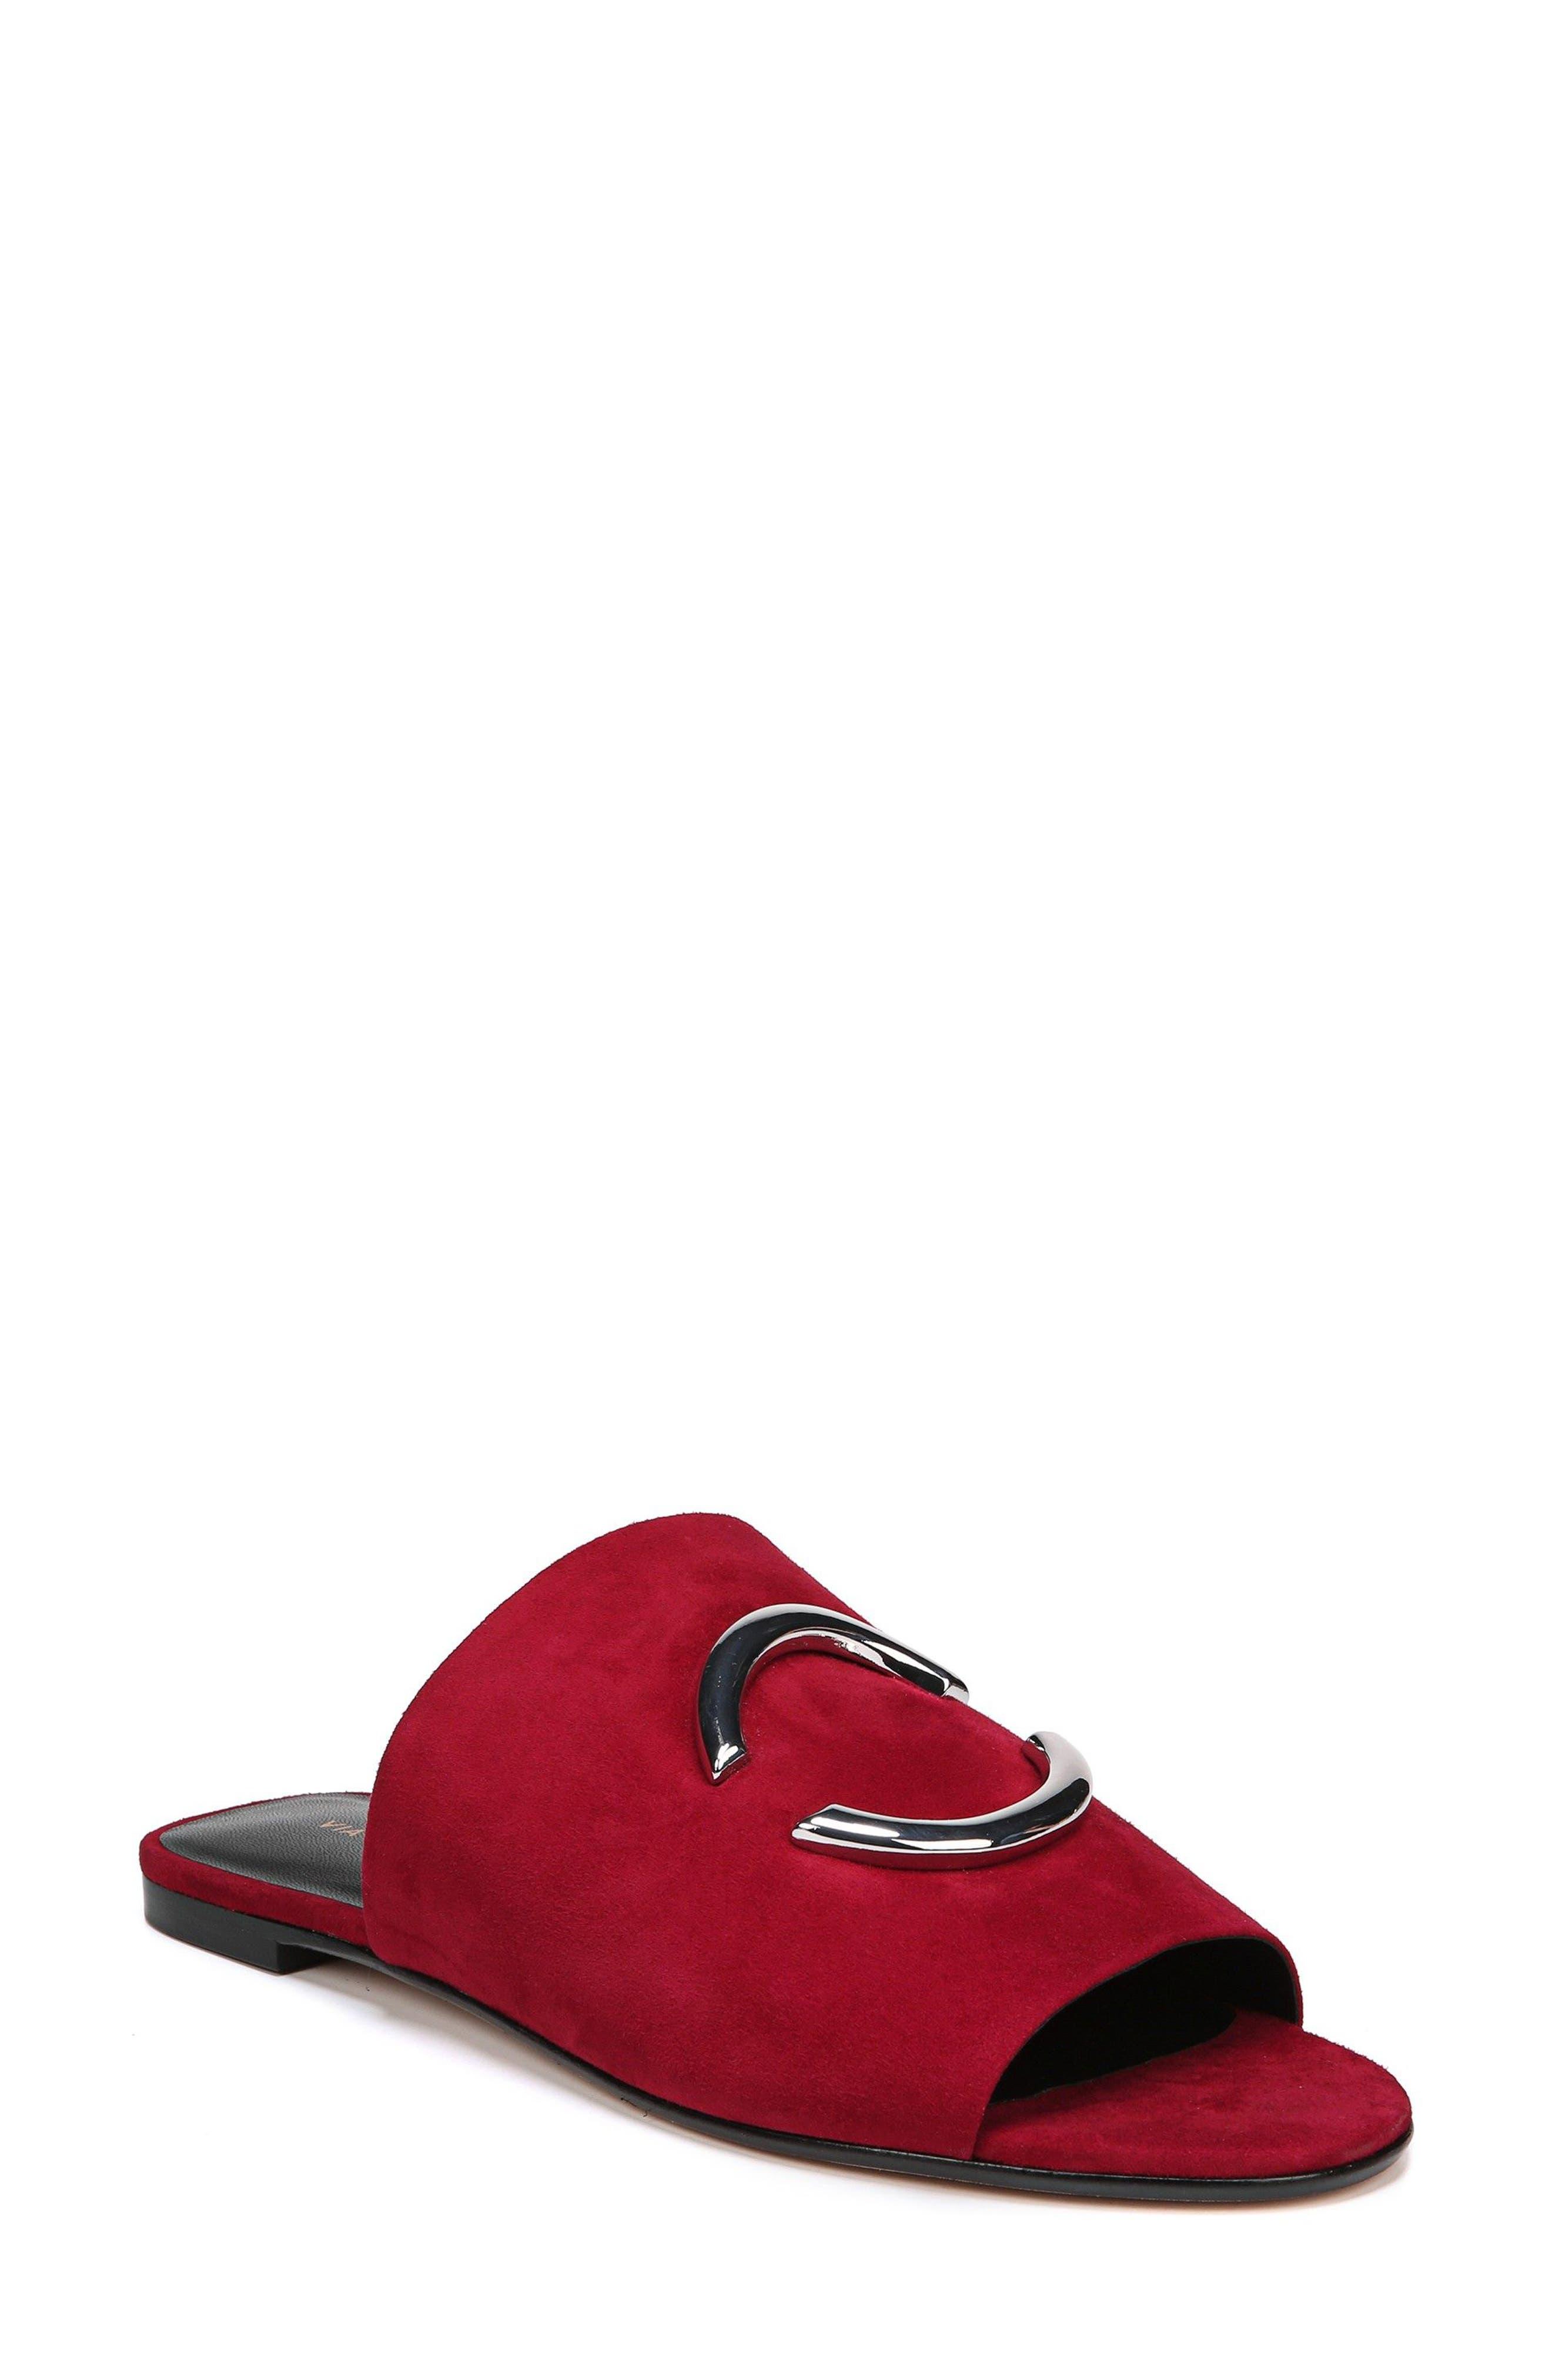 Helena Slide Sandal,                         Main,                         color, Ruby Suede